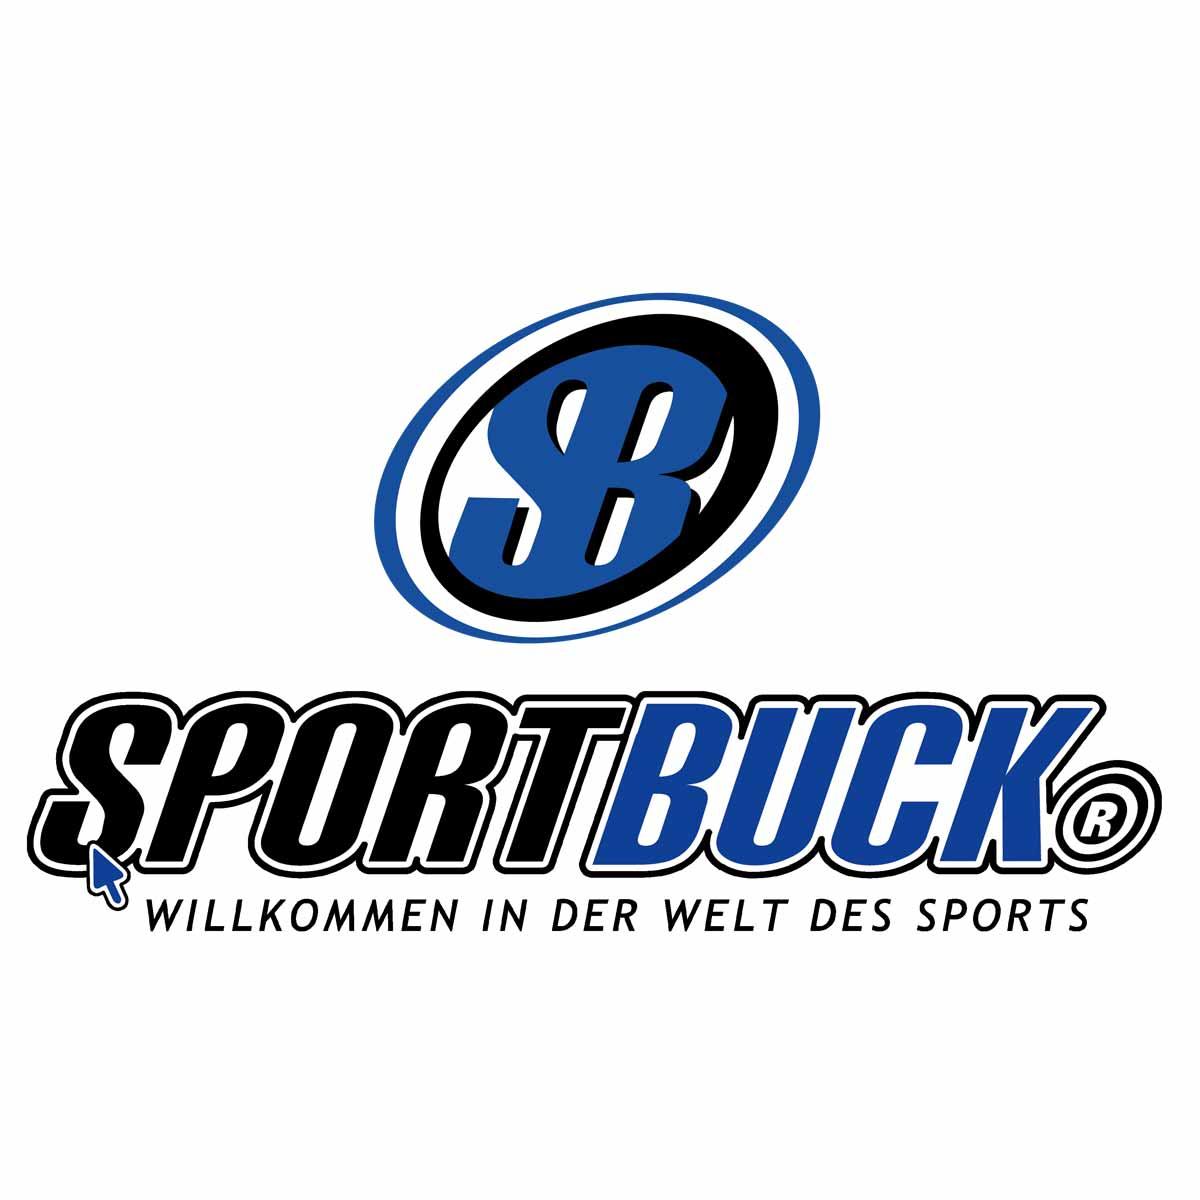 Natural Skiwax Heißwachs 2x 35 g